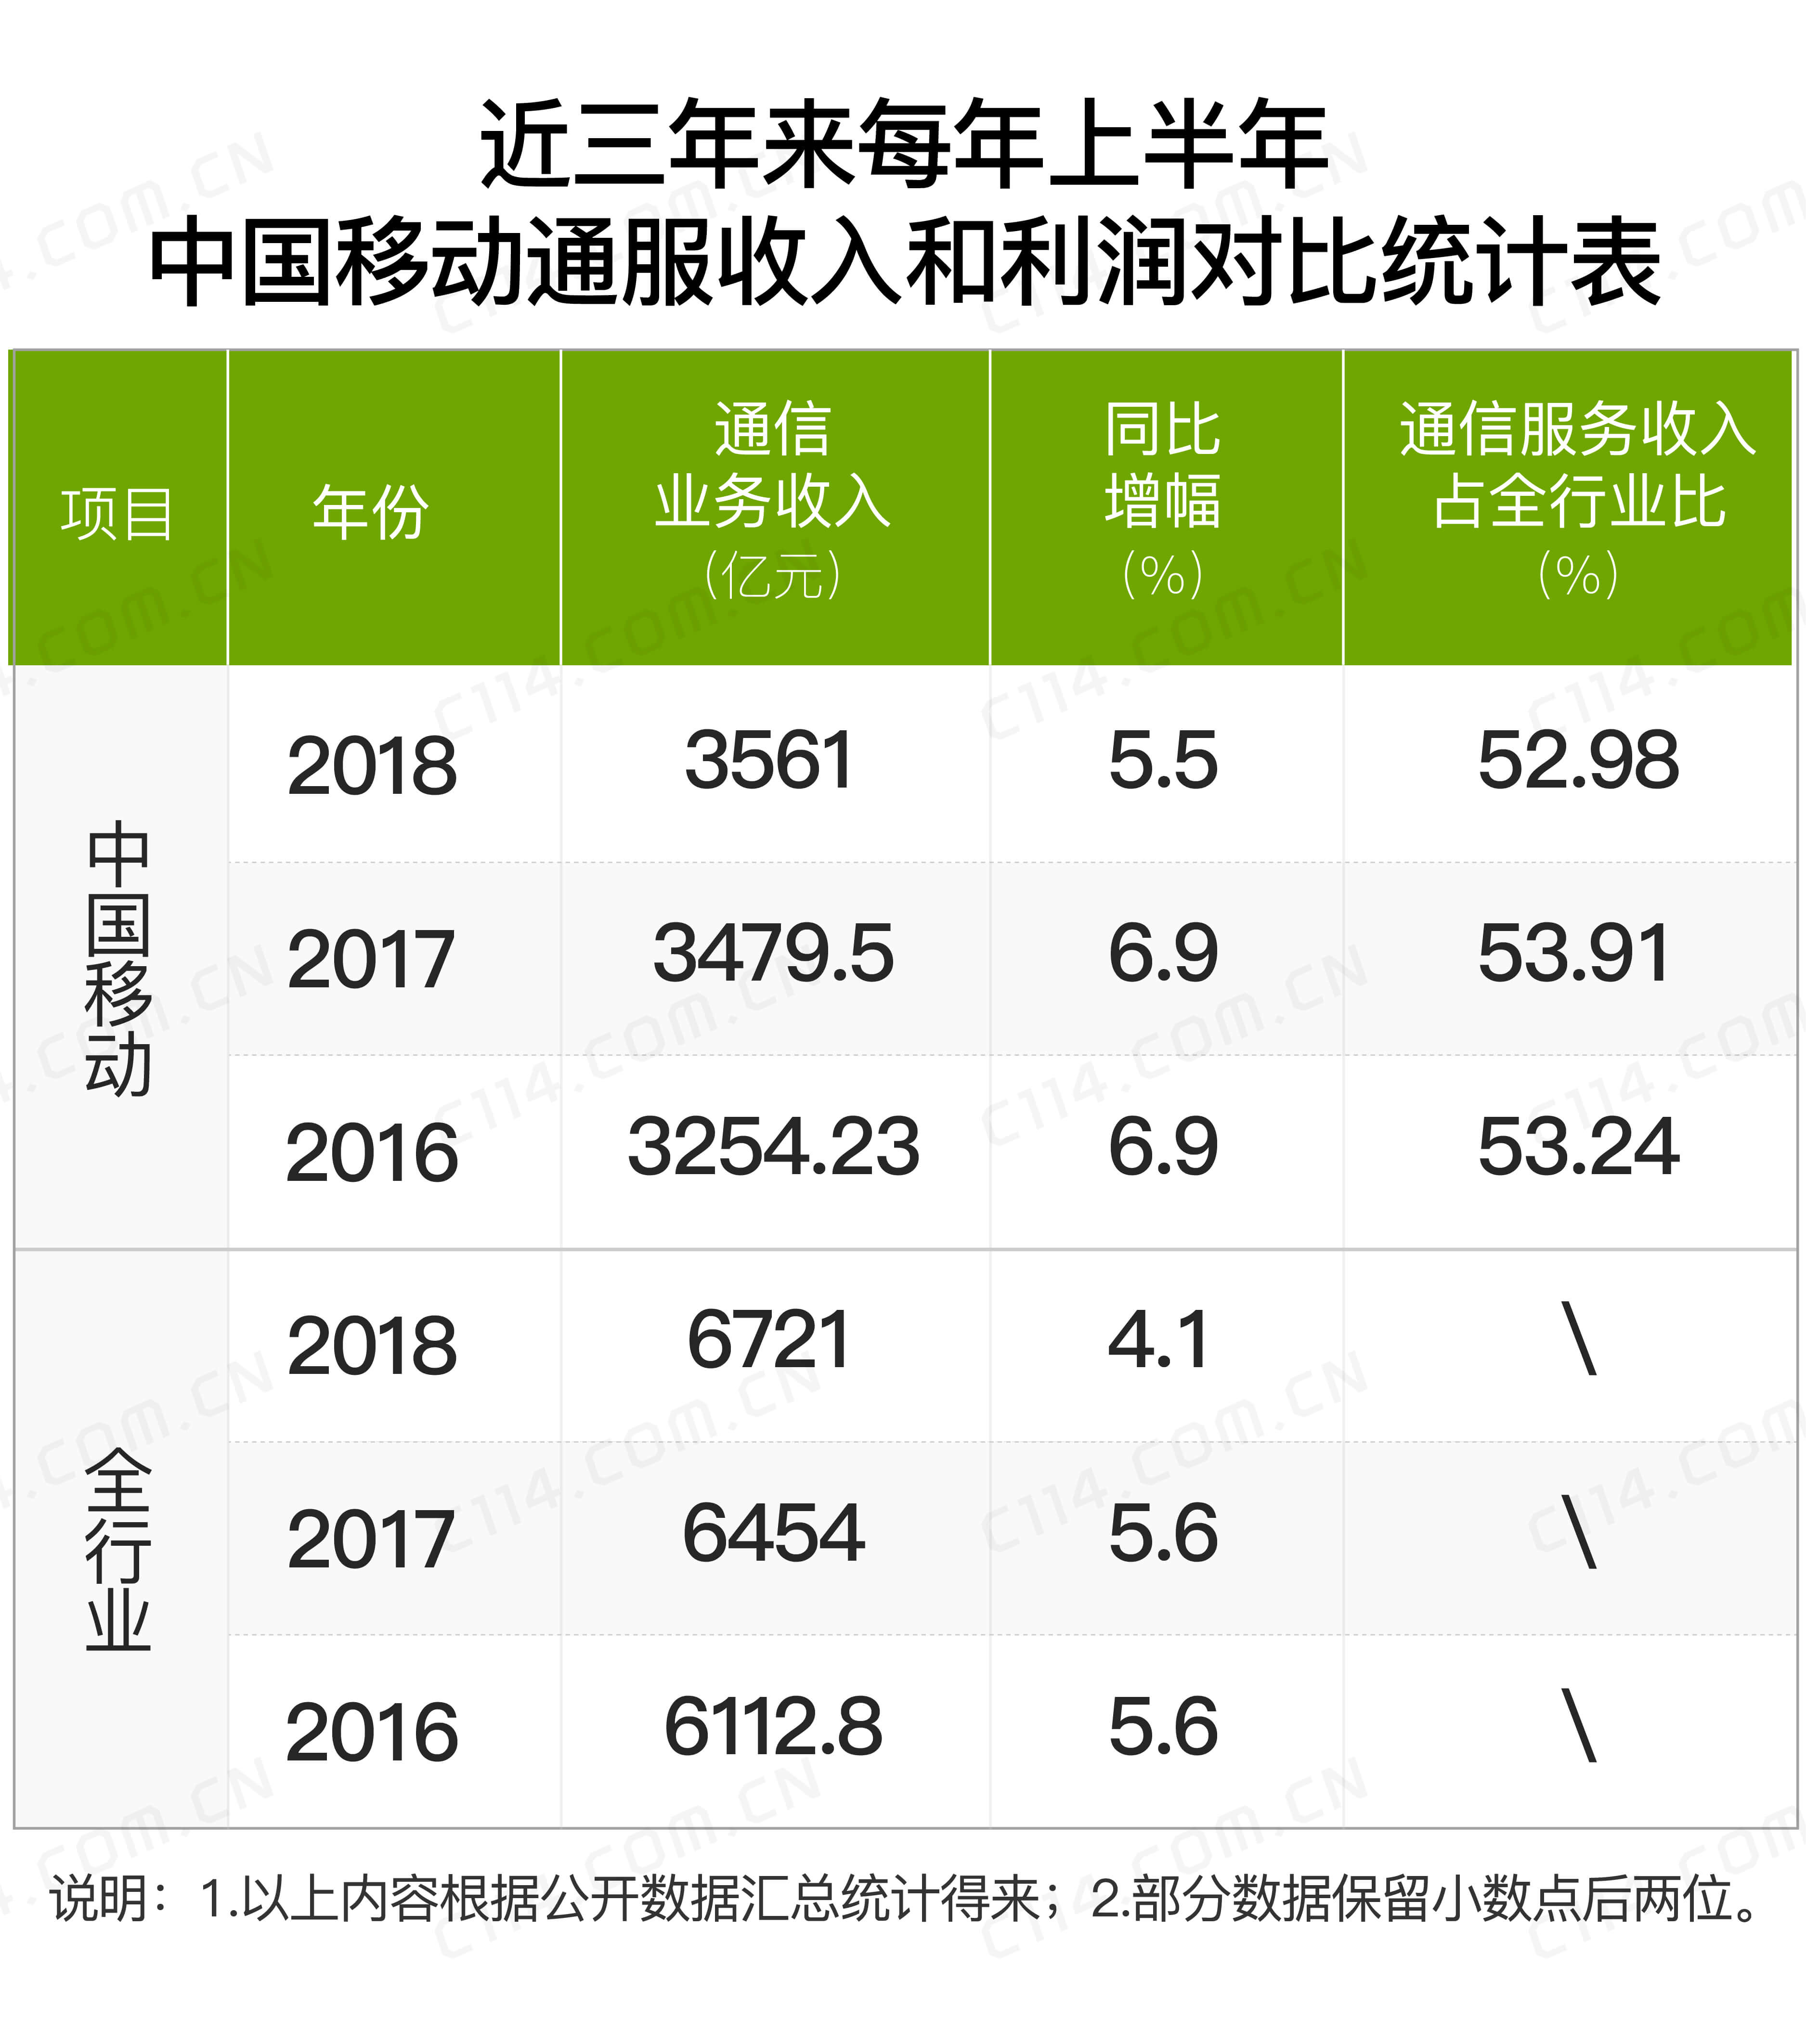 持续强力提速降费下,中国移动正艰难度过最困难时刻